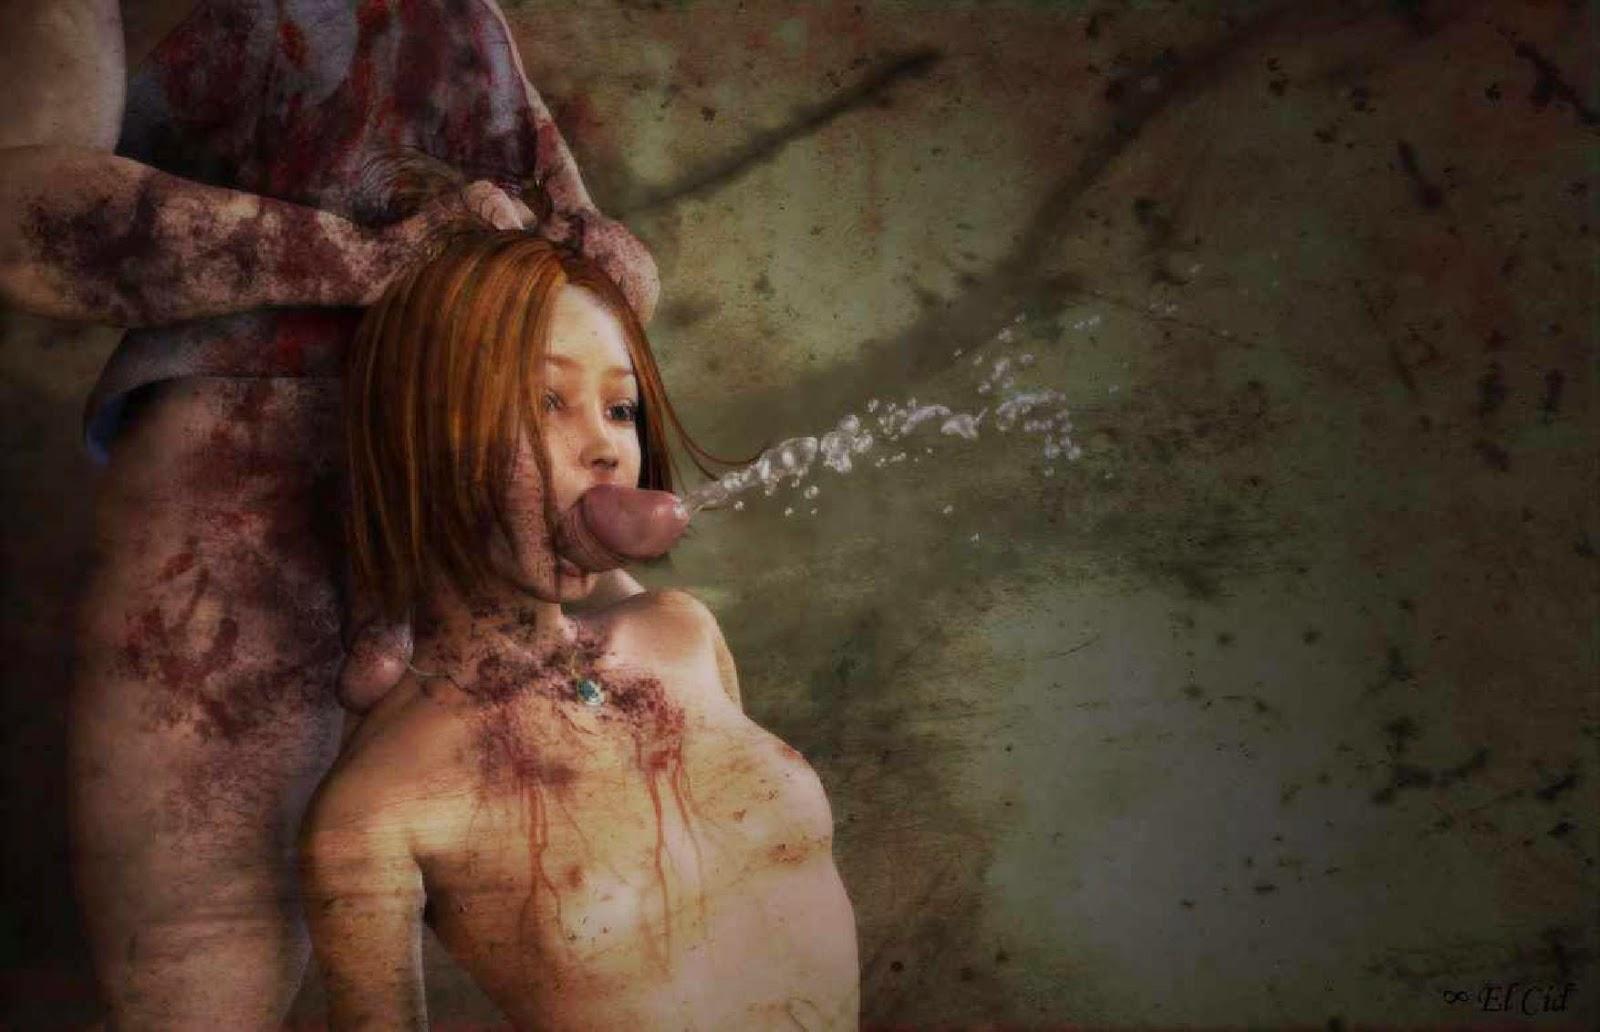 Смотреть Онлайн Порно Ужасы Фильм